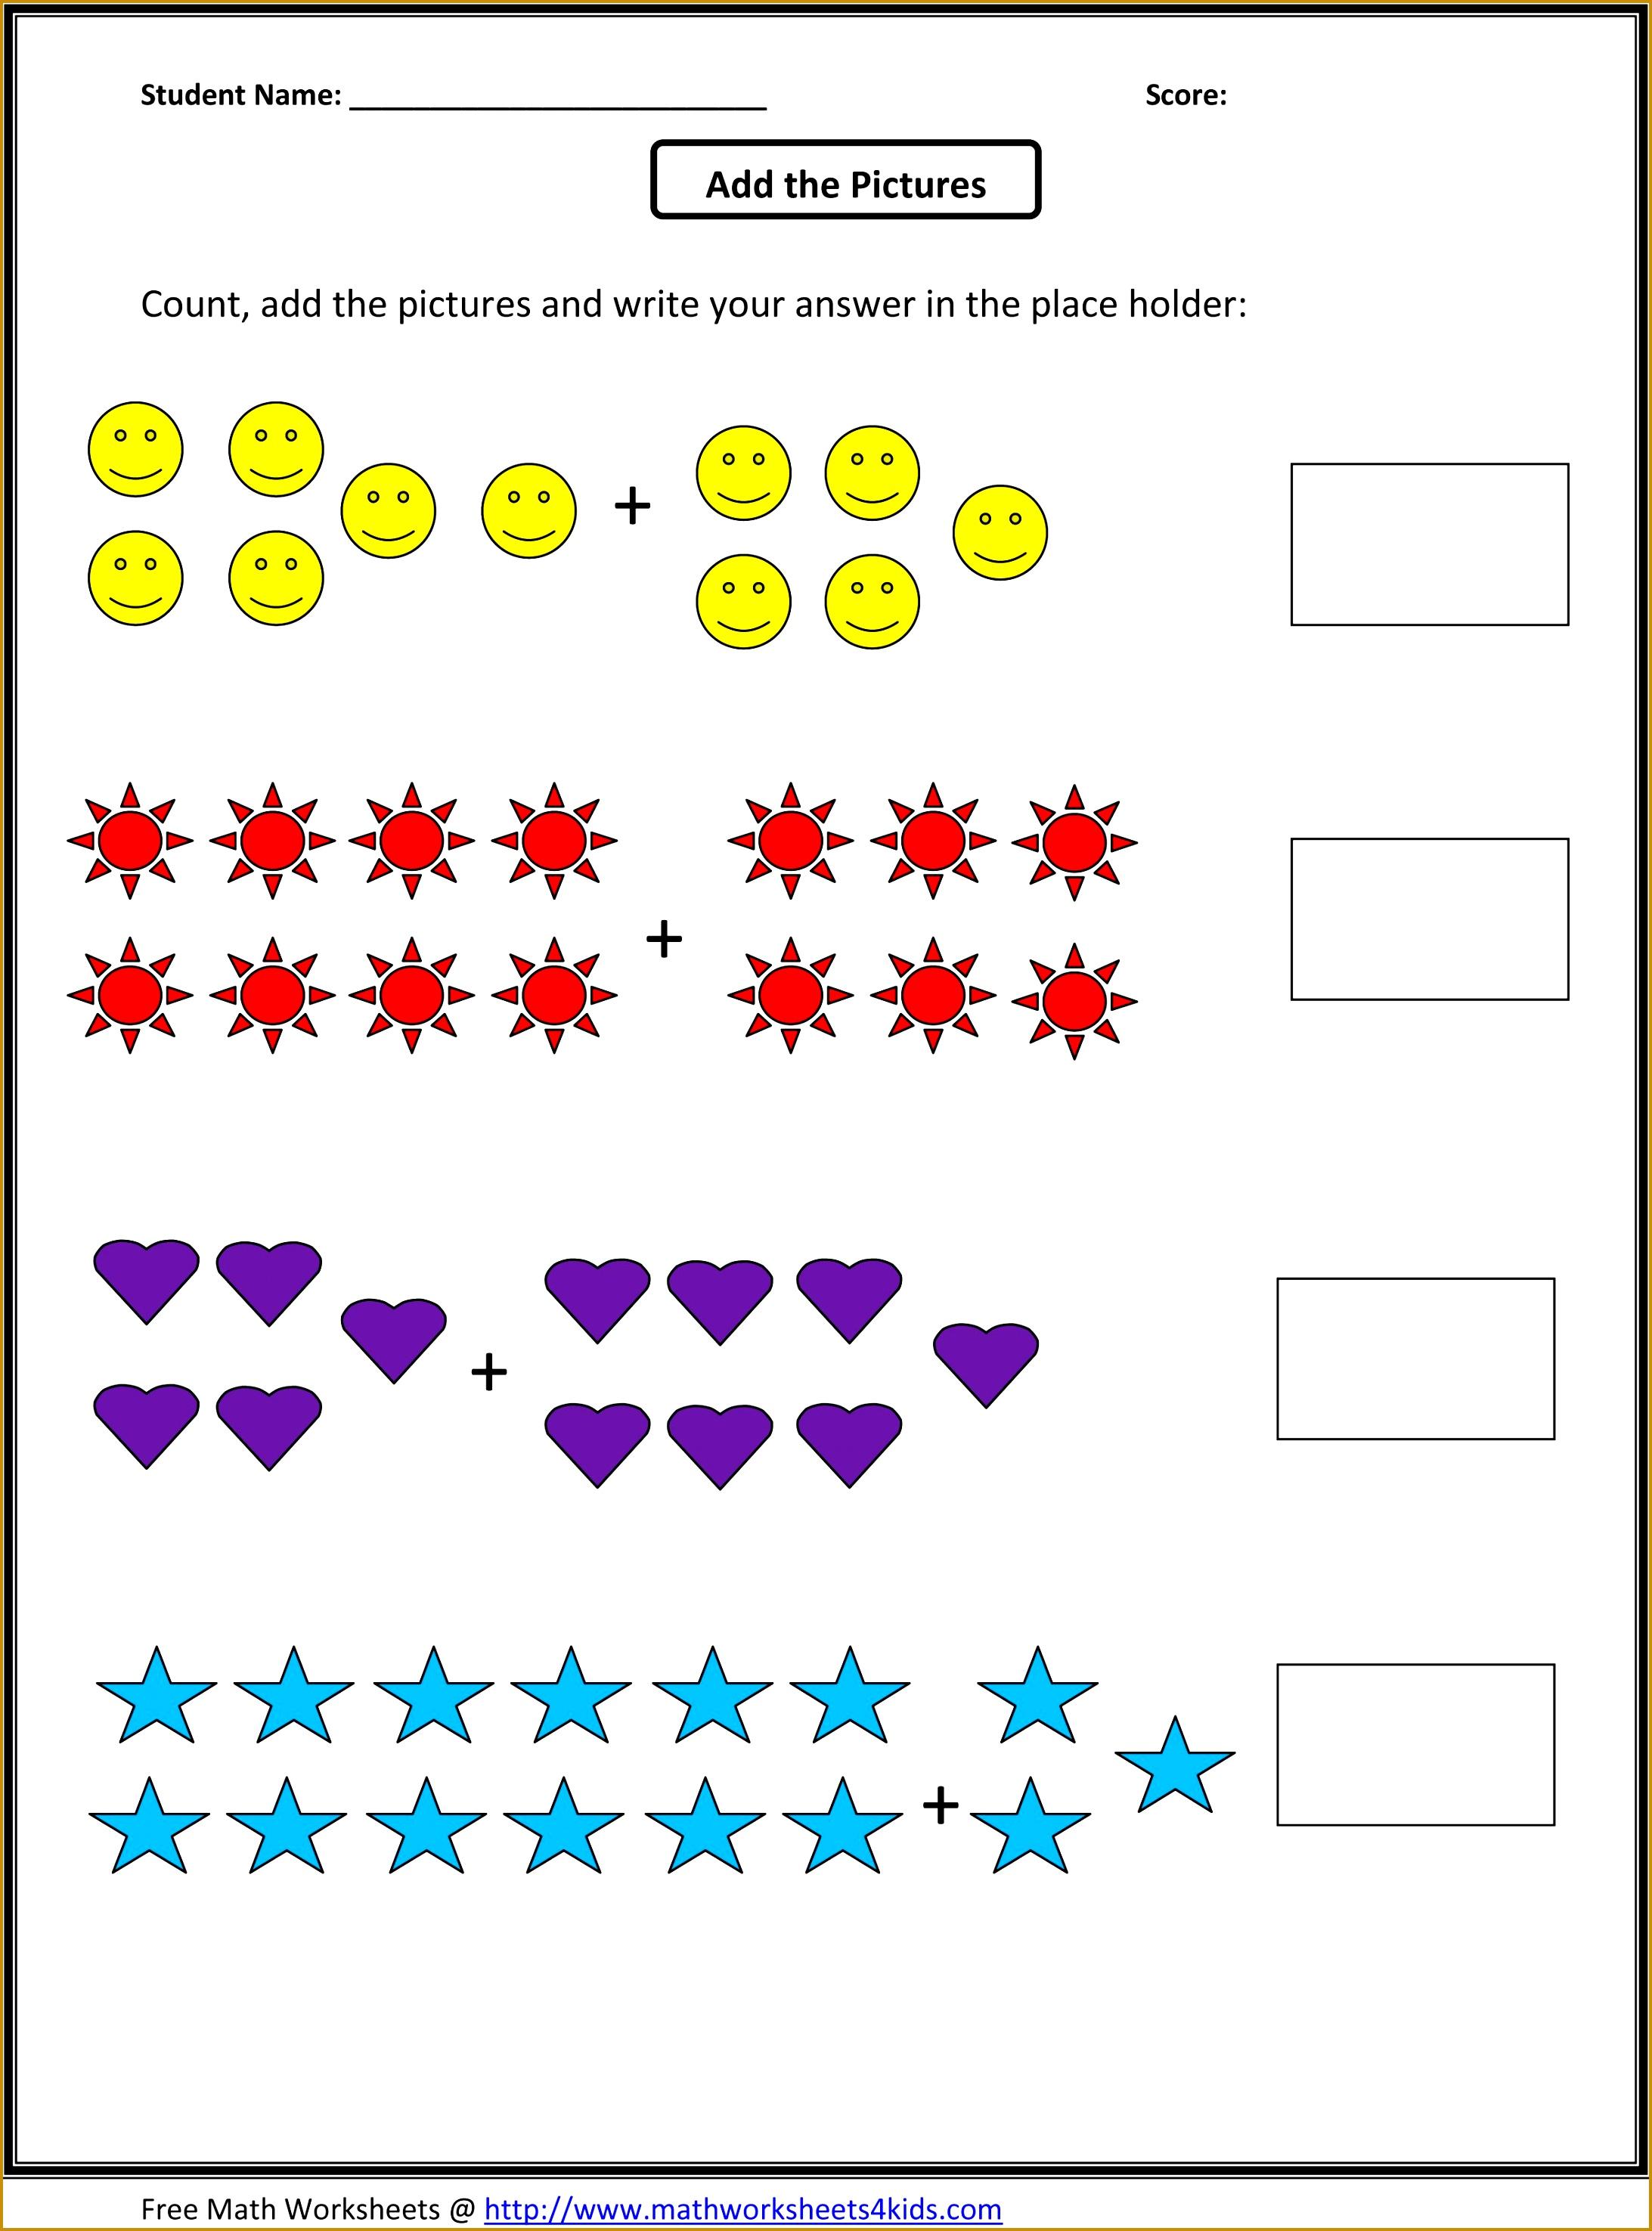 4 Addition Worksheets For Grade 1